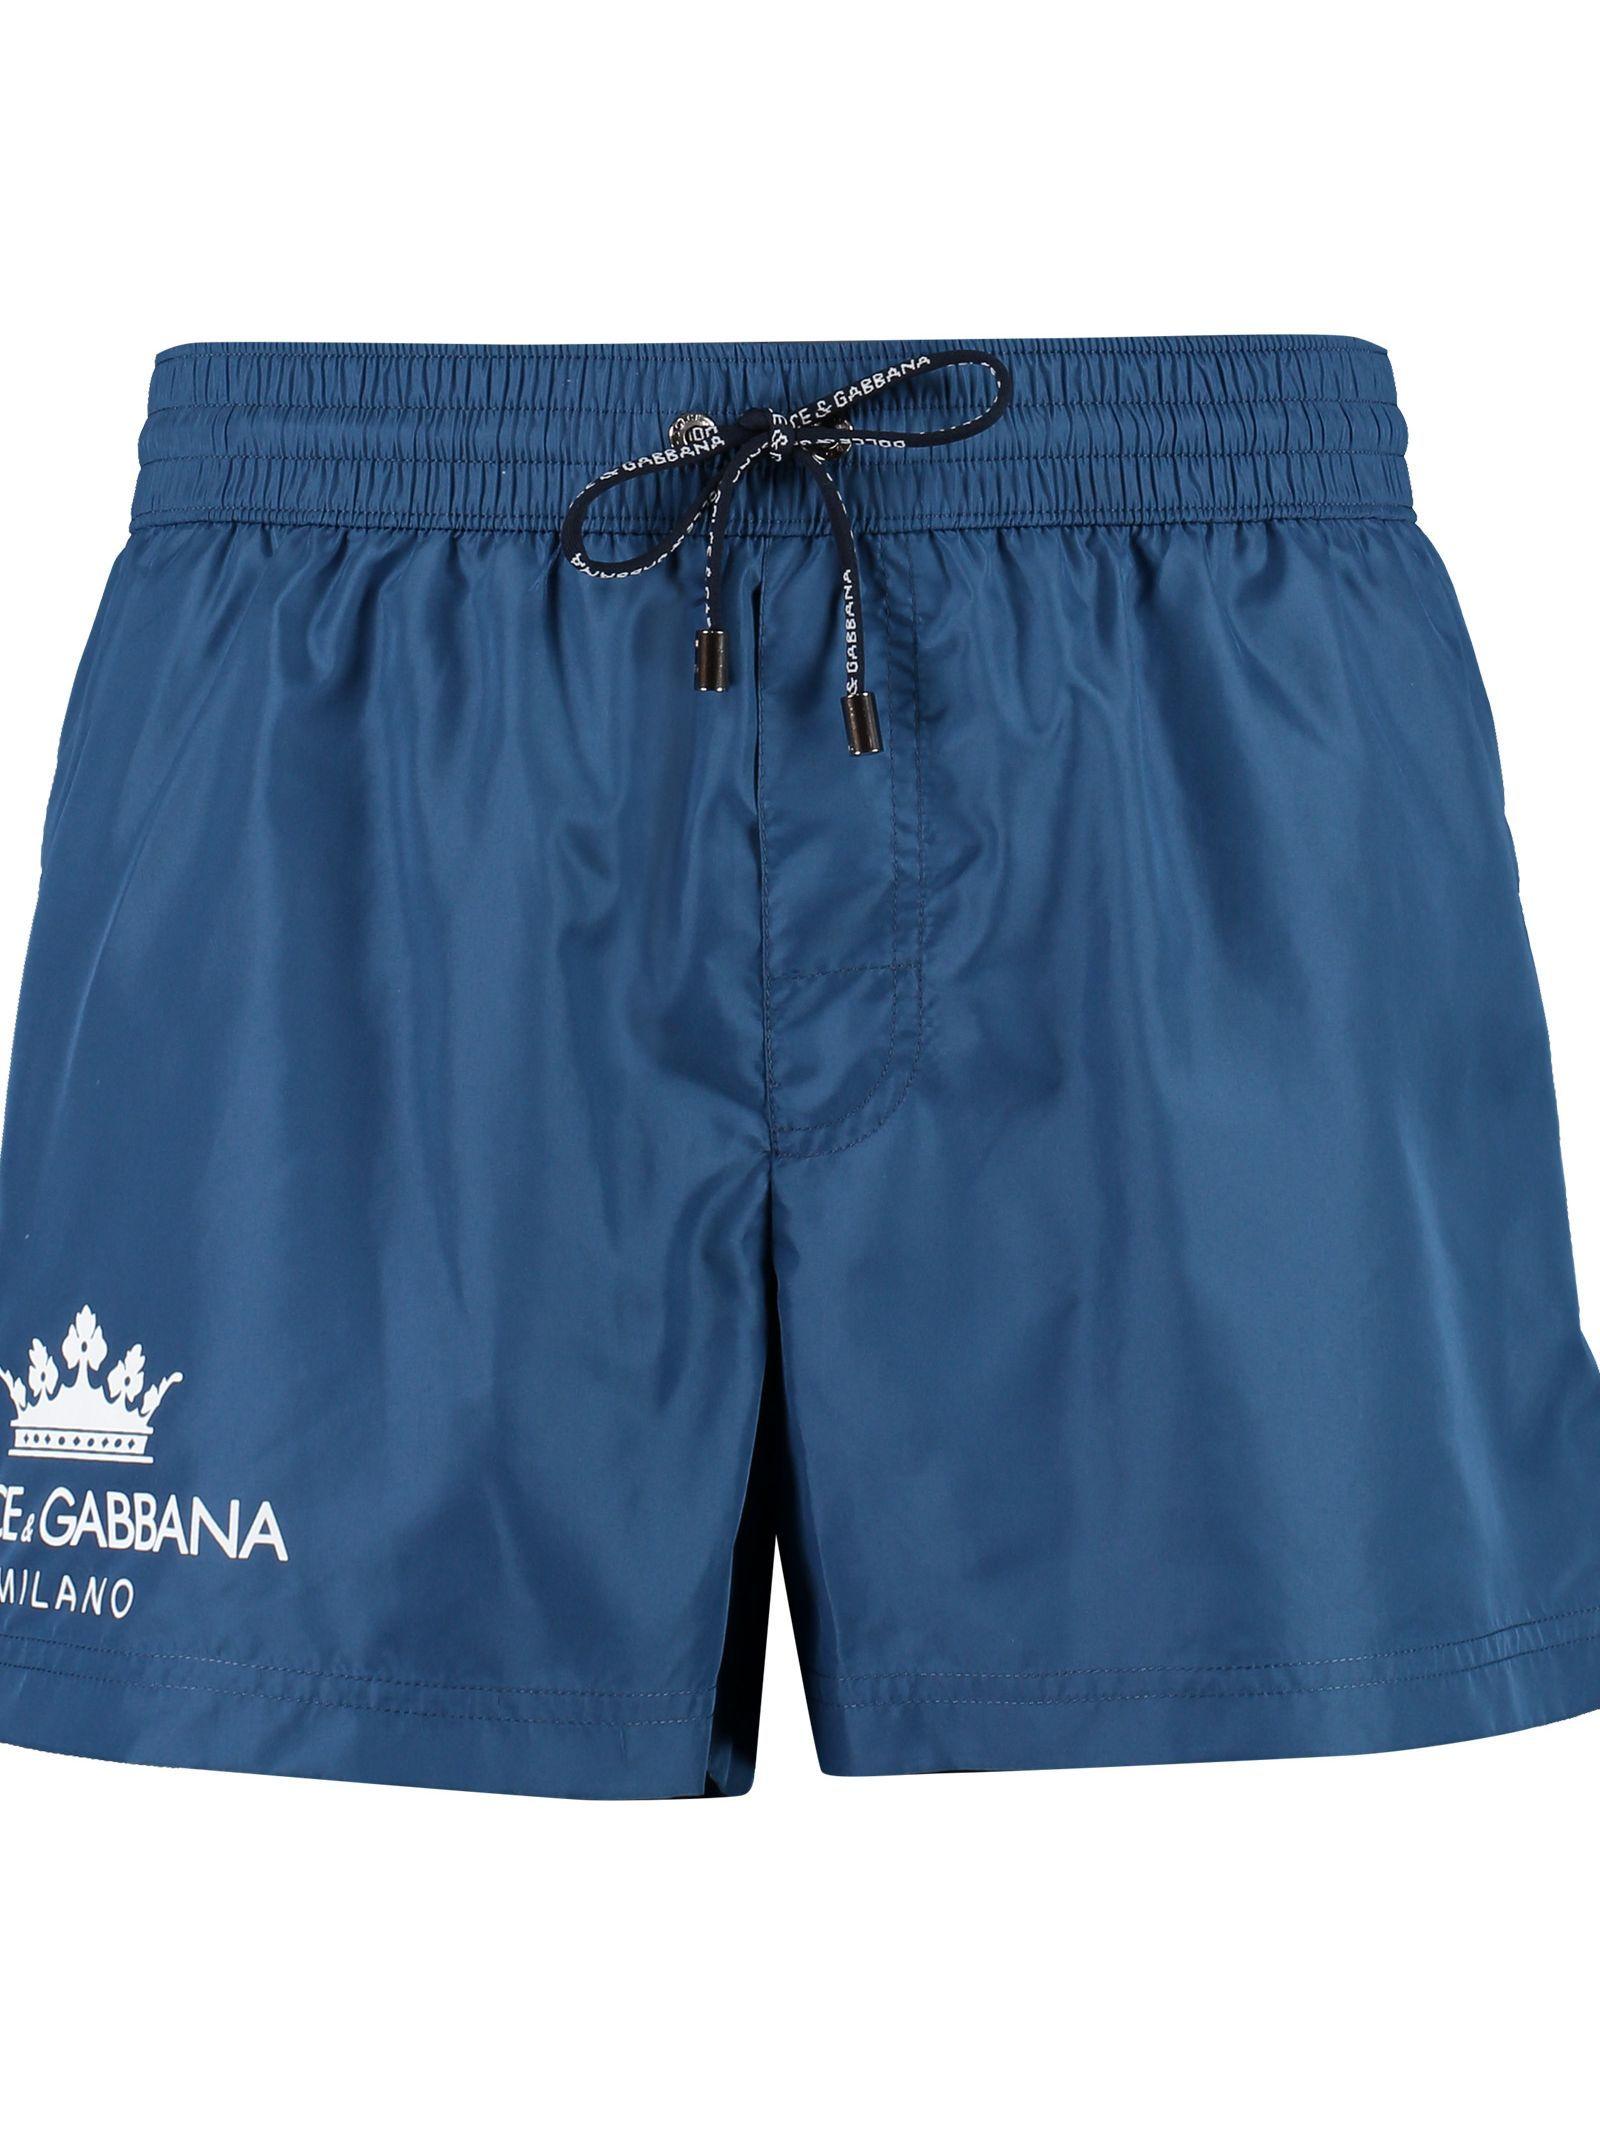 c9e0a8d1c0 DOLCE & GABBANA SWIM SHORTS WITH LOGO. #dolcegabbana #cloth   Dolce ...